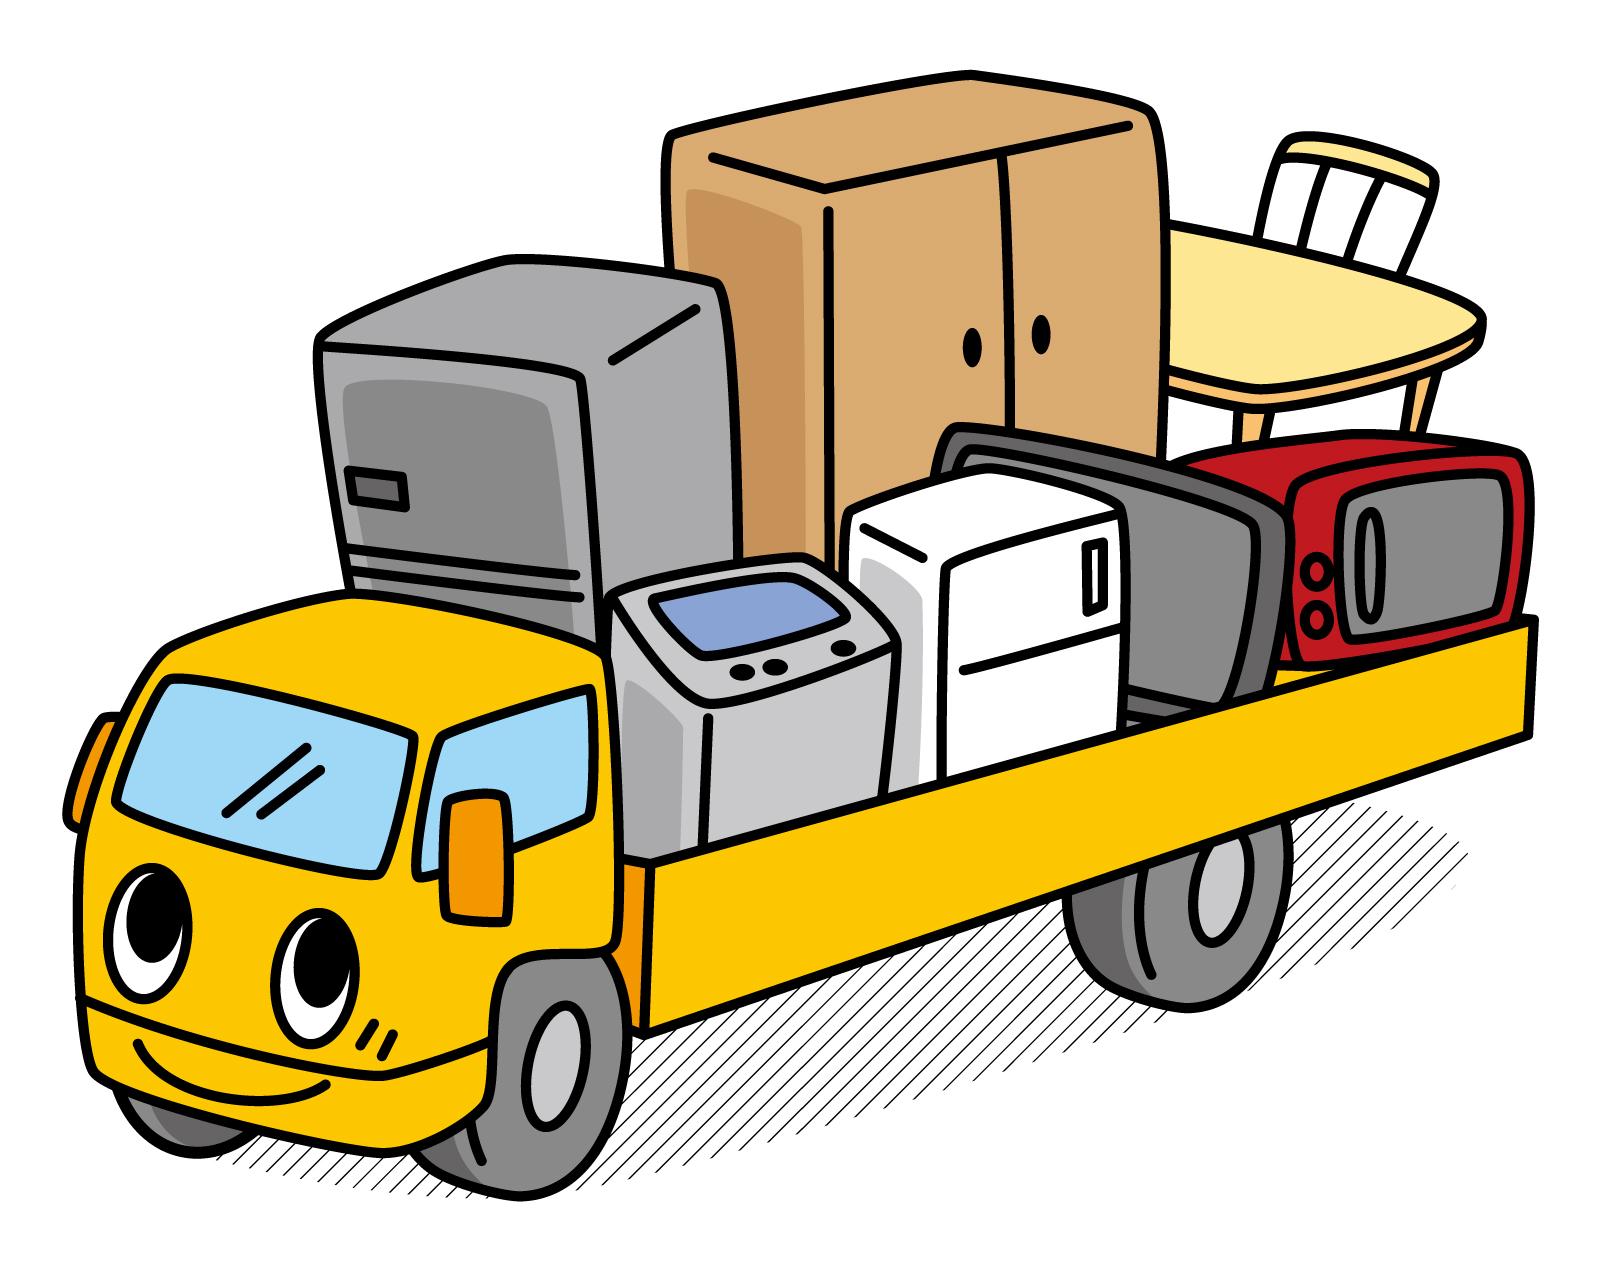 家具の処分前にチェック!おトクな家具の引き取り方法4選と費用相場